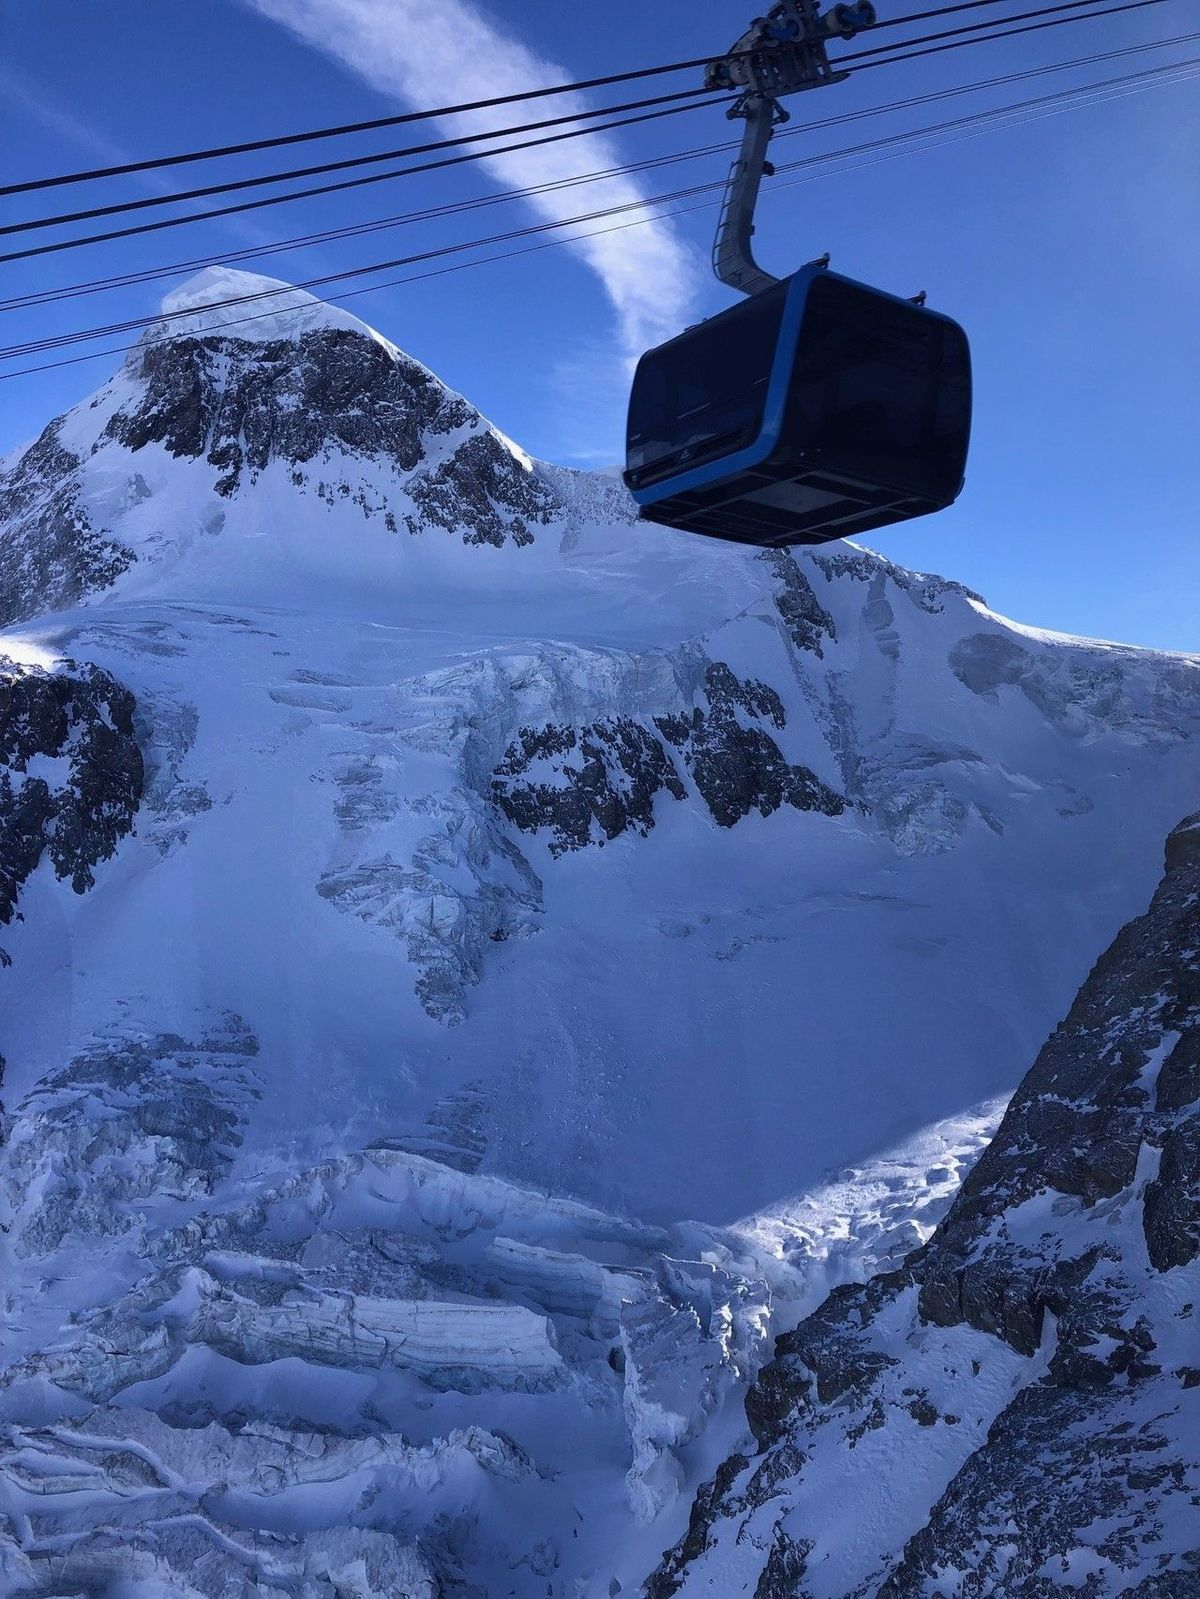 Arrancando la temporada en Zermatt 2018